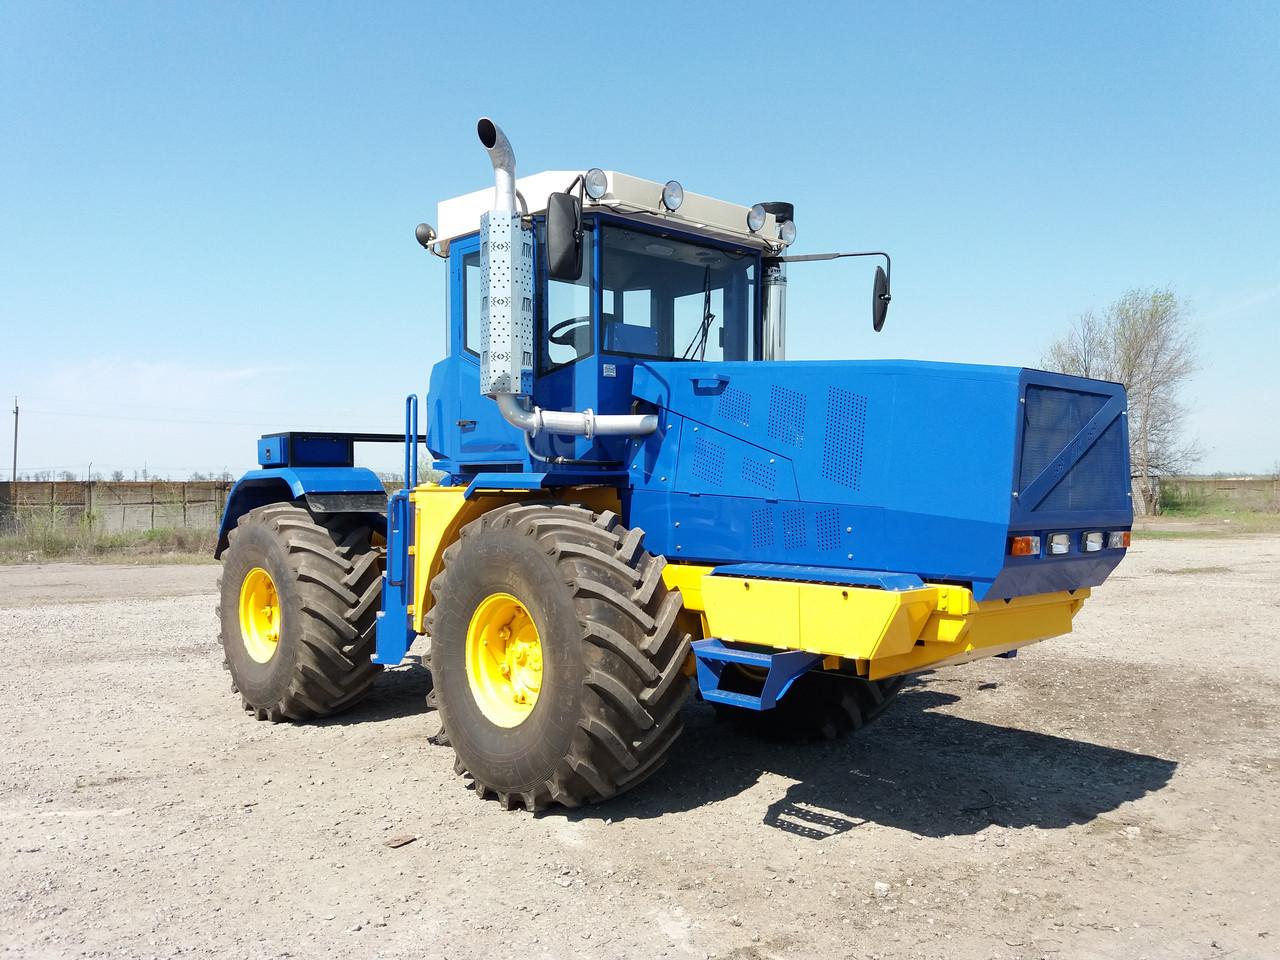 Трактор на базе К-701. Двигатель 400 л.с.